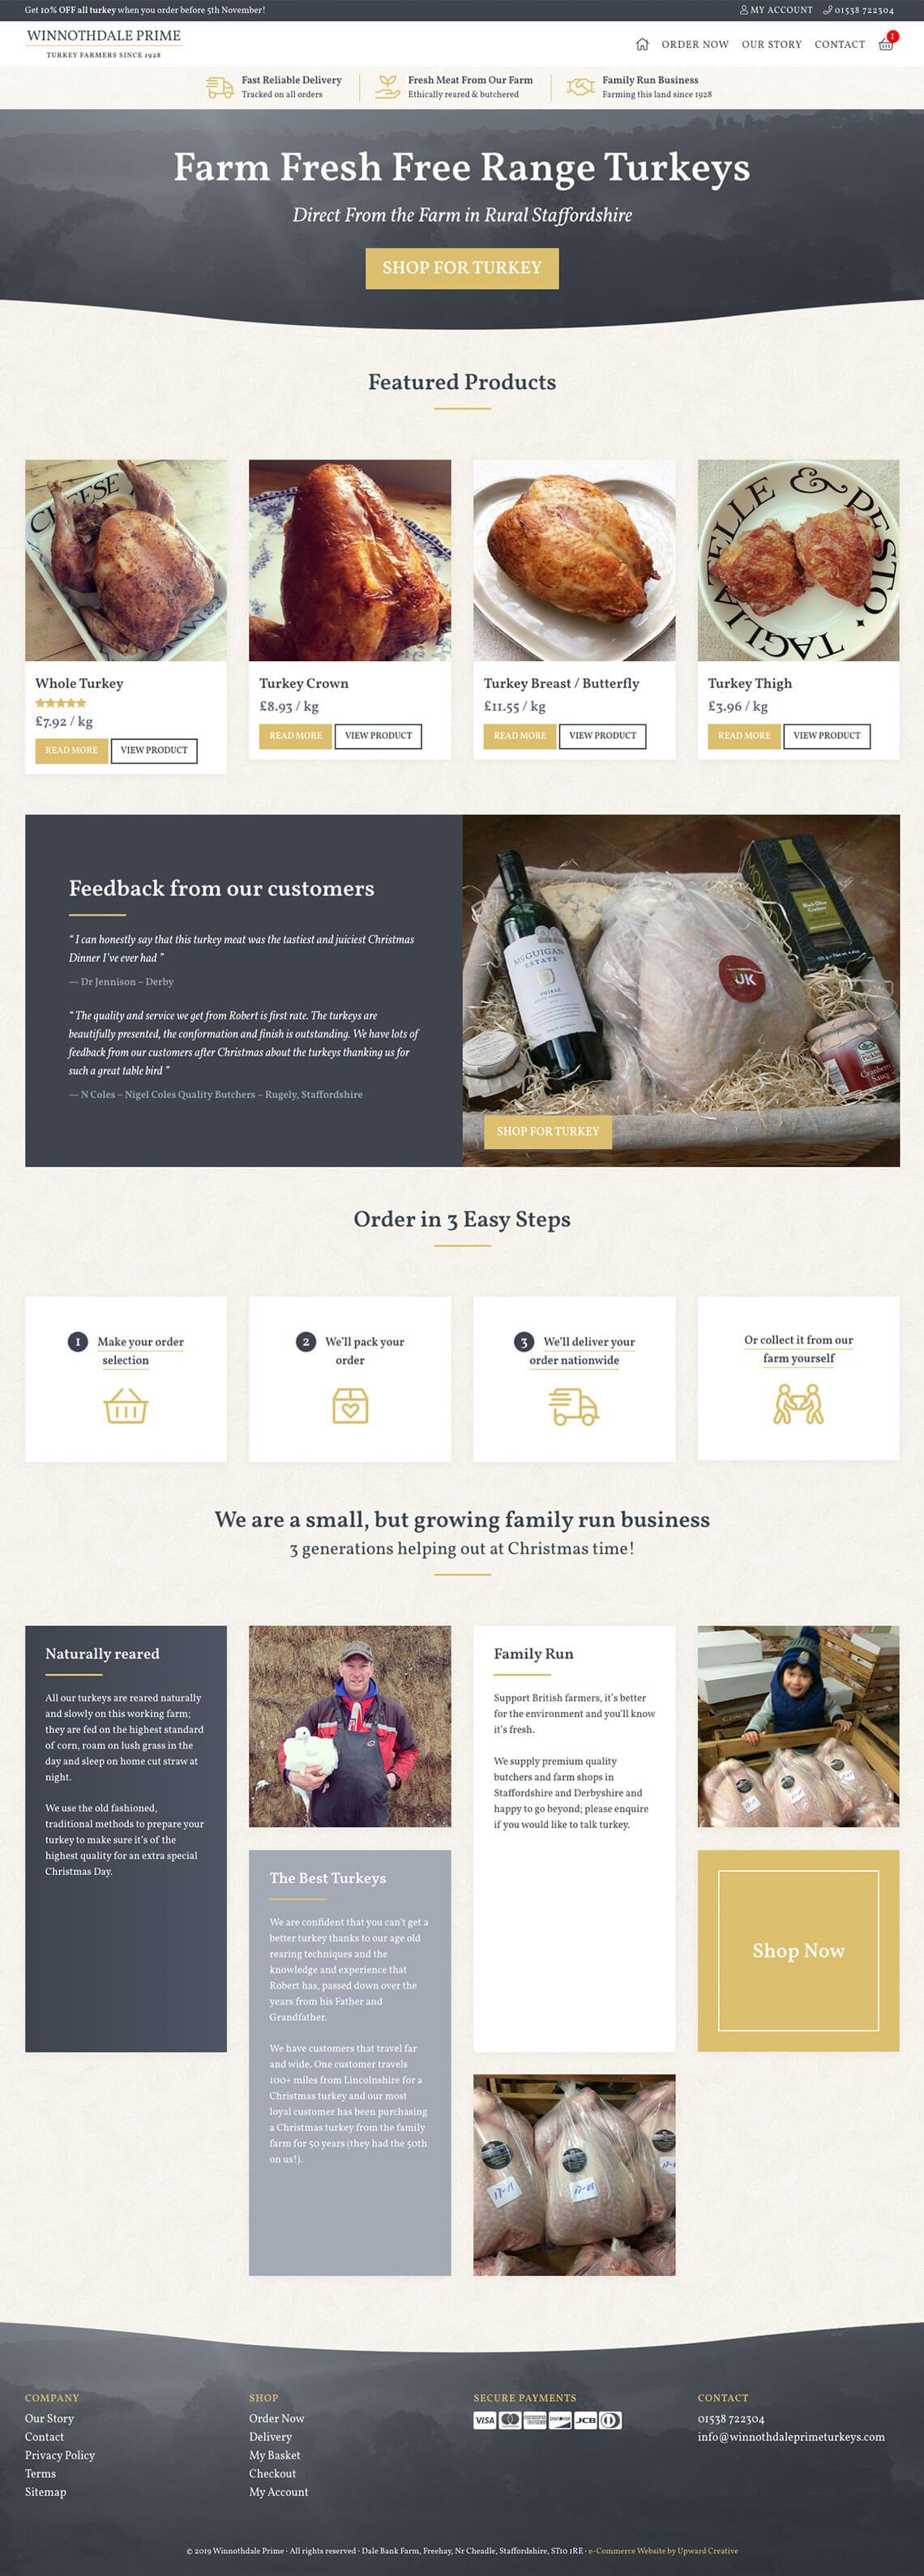 Winnothdale Prime Turkeys website homepage